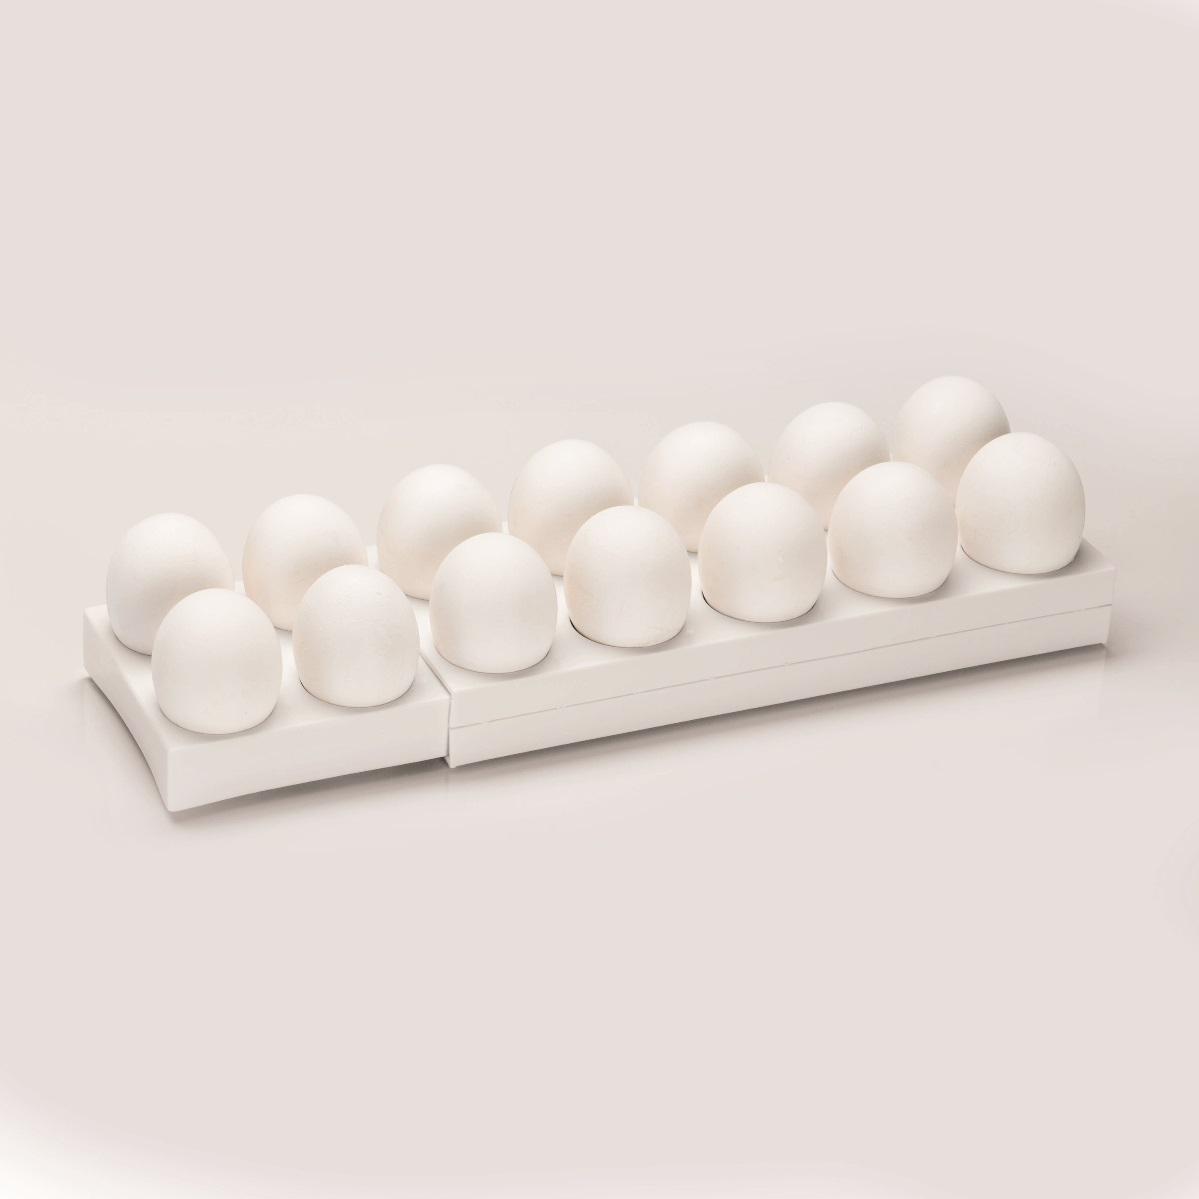 купить Лоток для яиц 9881172 Украина фото 2